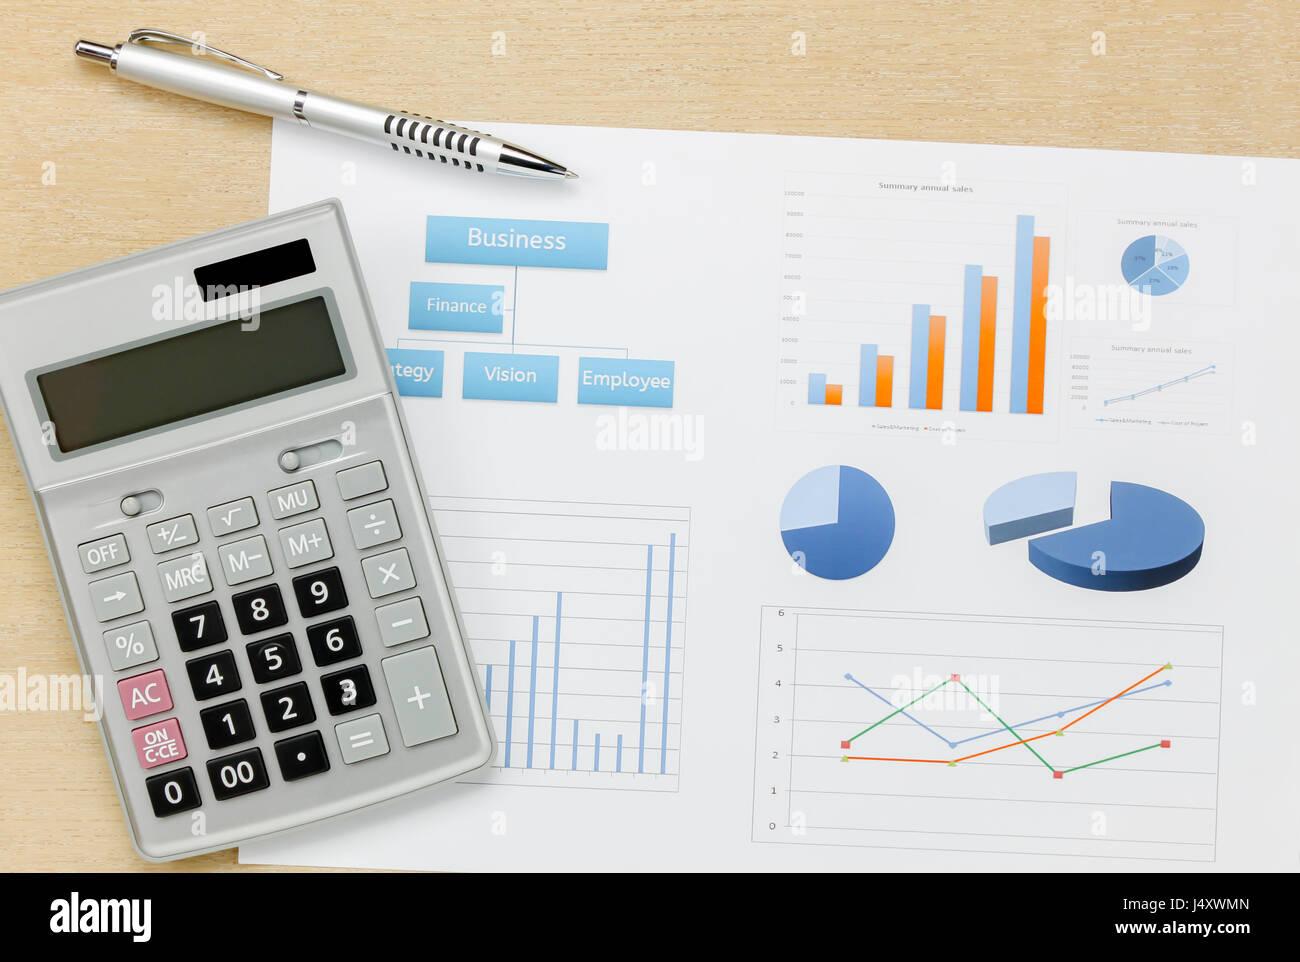 Vista superior Resumen de negocio del año, calculadora y lápiz gráfico sobre madera de fondo de escritorio Imagen De Stock